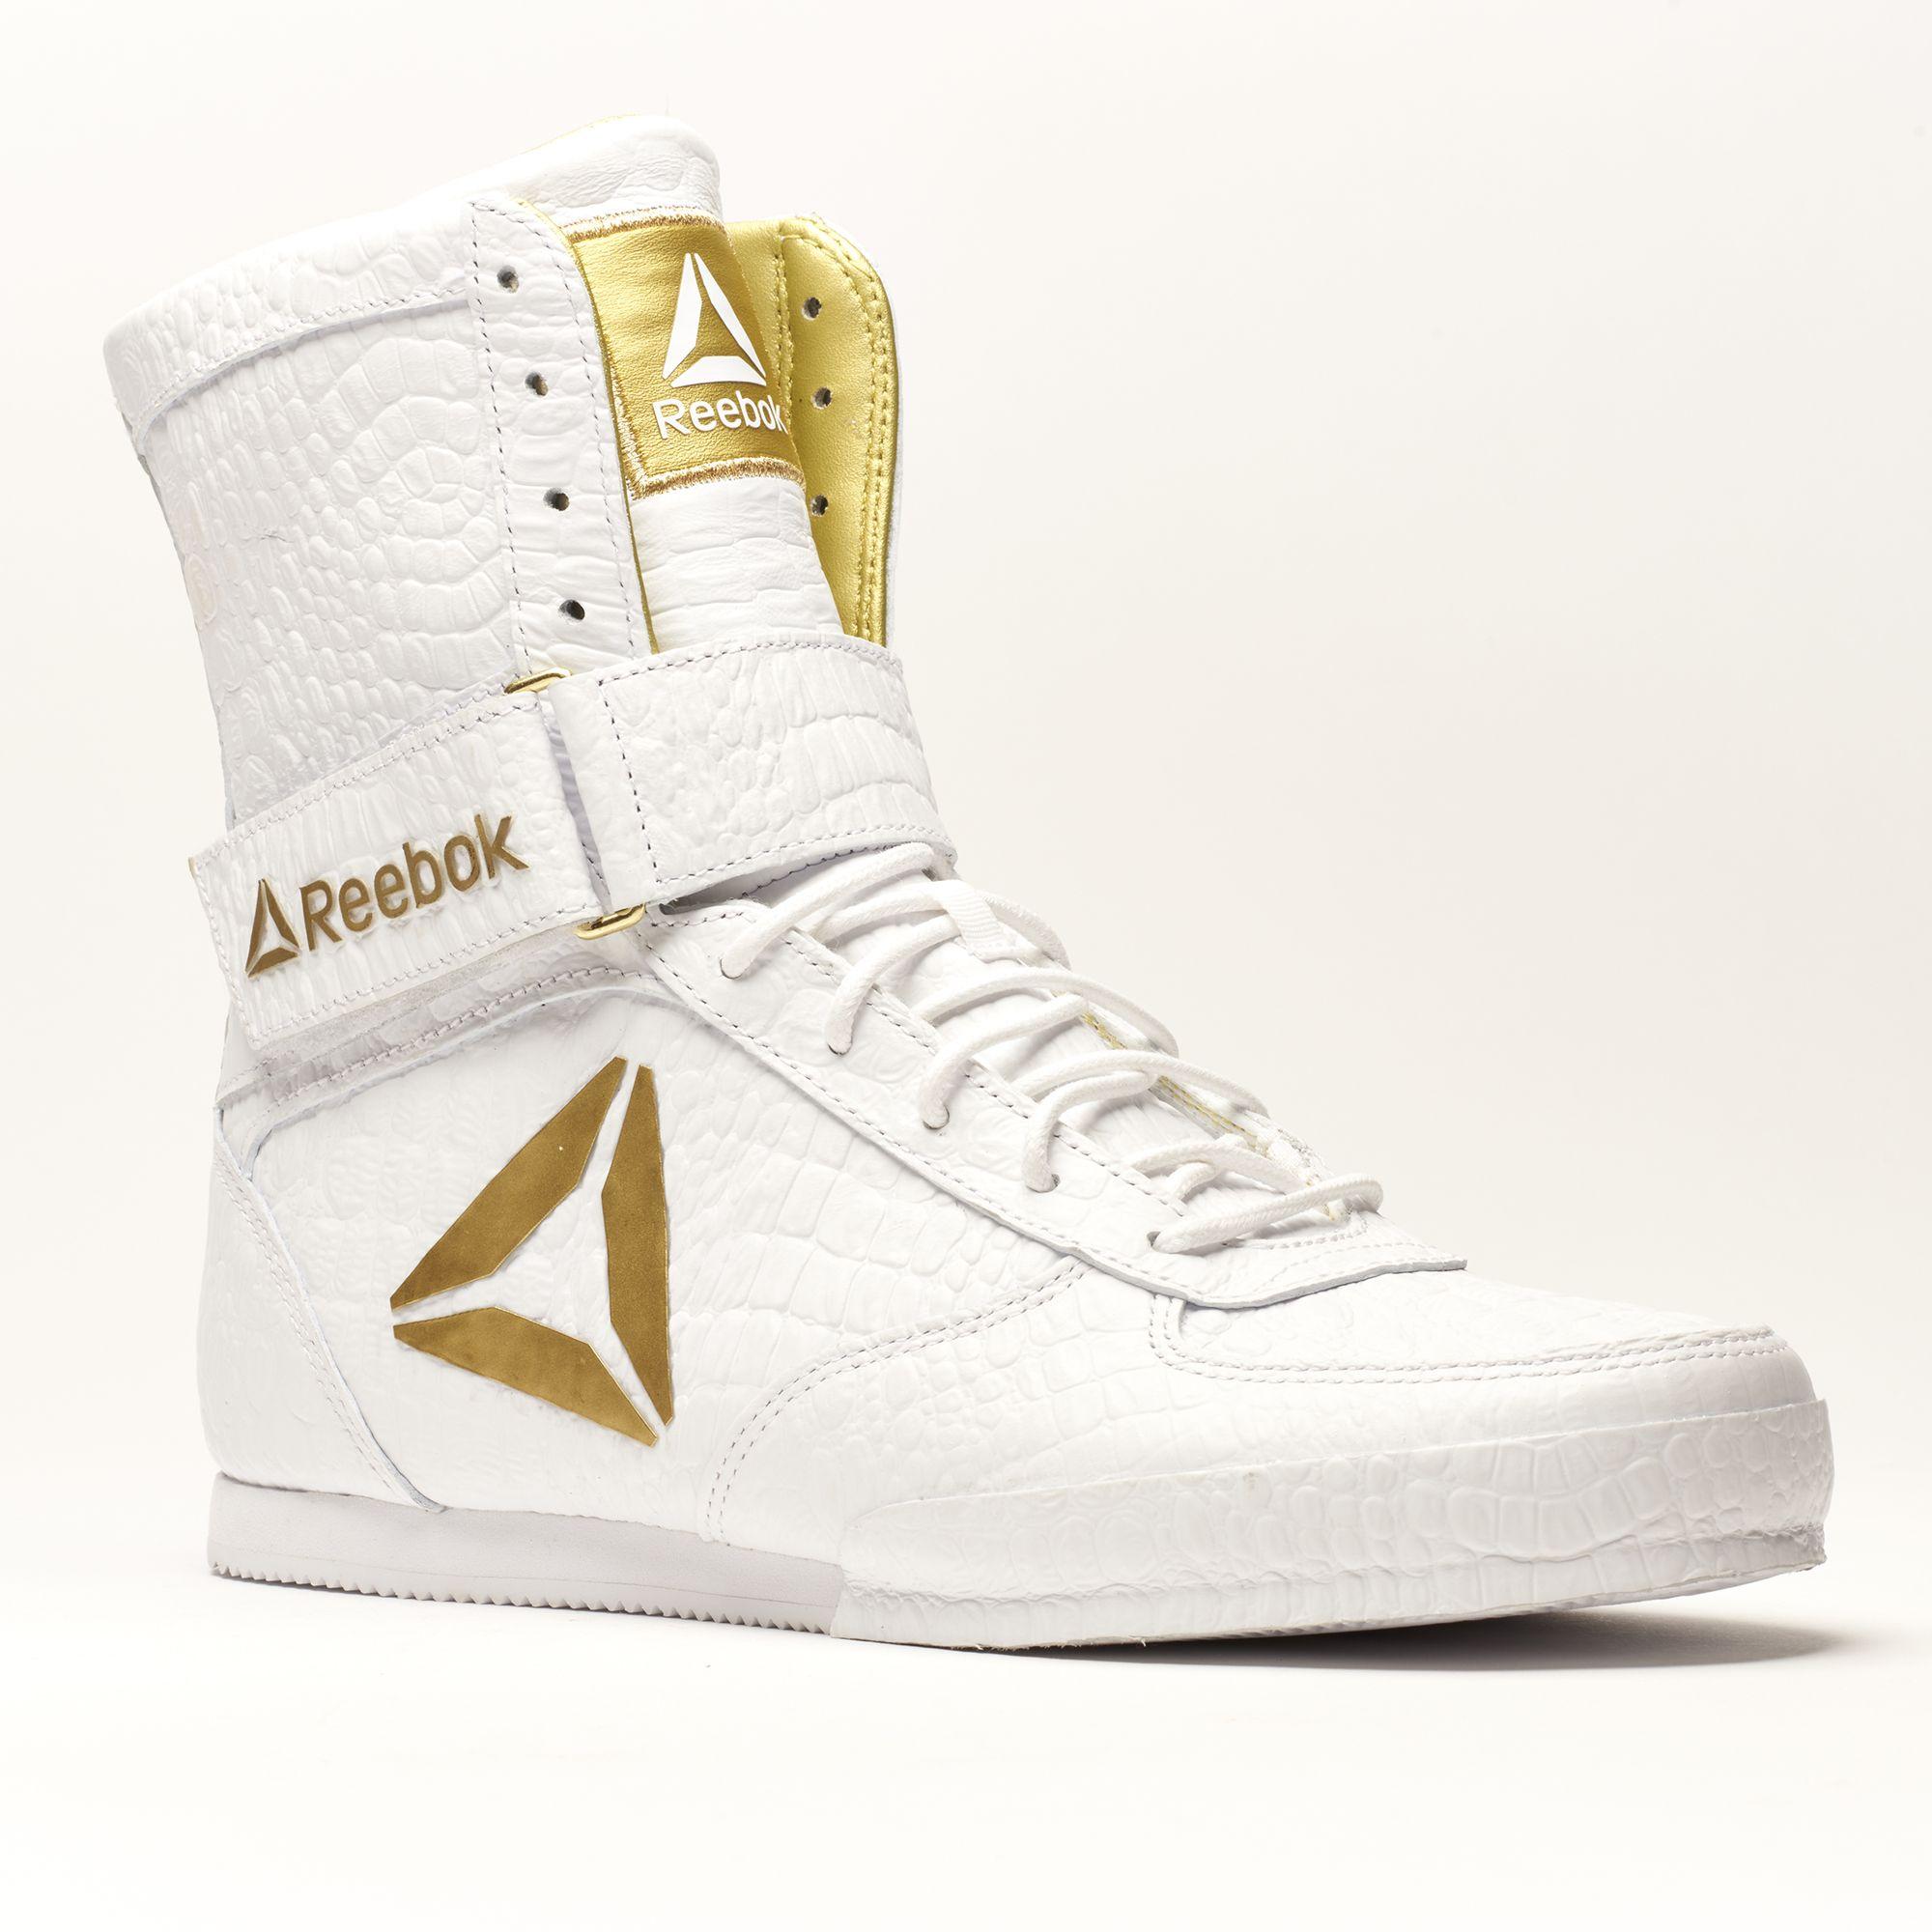 Reebok Boxing Boot Legacy LTD | Boxe women | Chaussure de